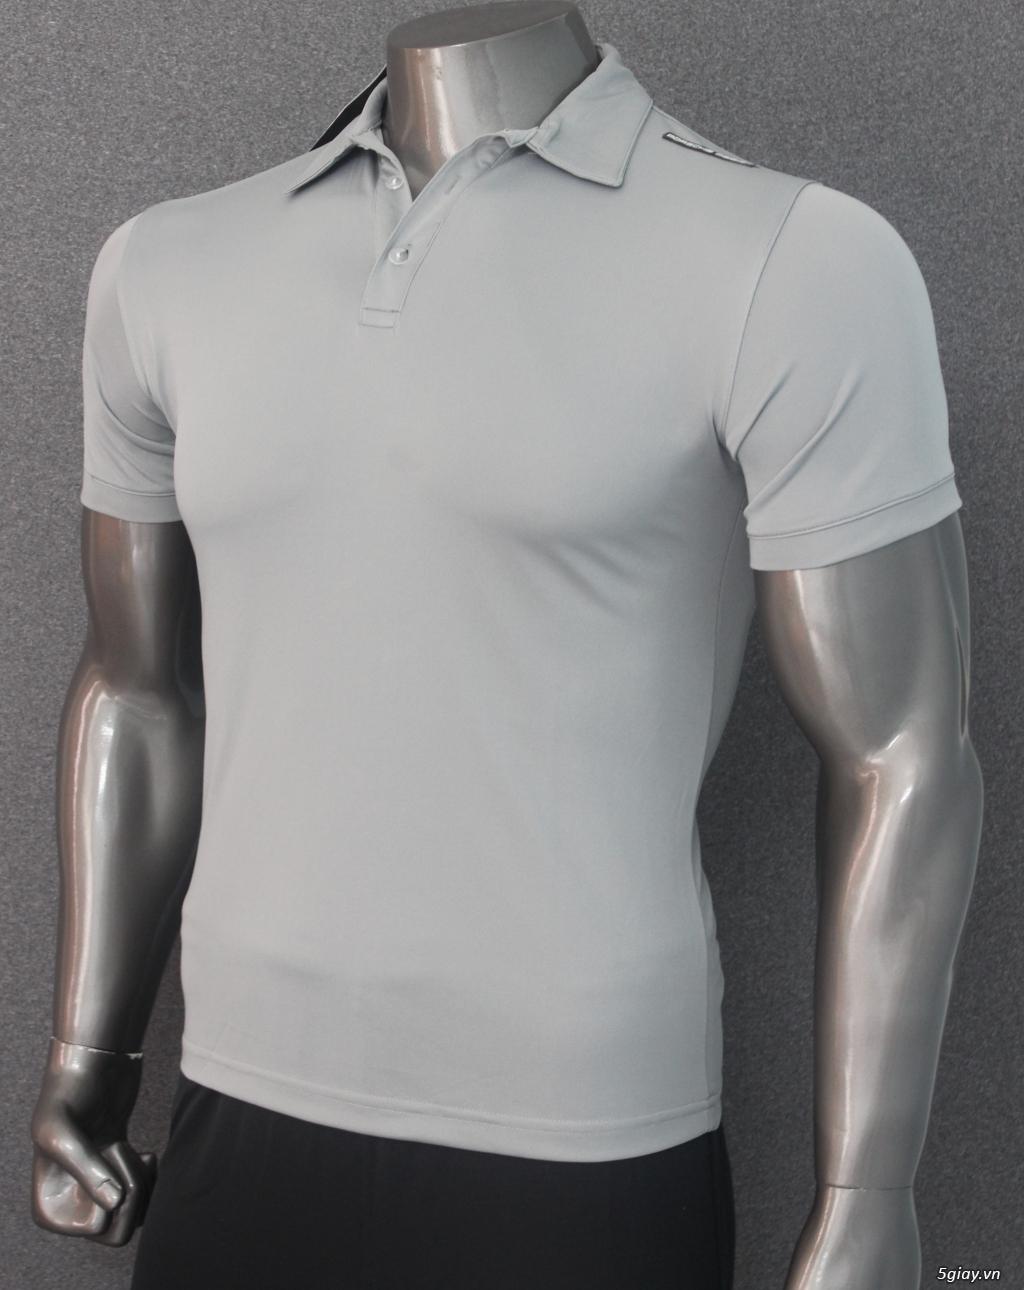 Chuyên cung cấp quần áo thể thao Adidas,Nike,Under Armour,Puma...trên Toàn Quốc giá xưởng - 22